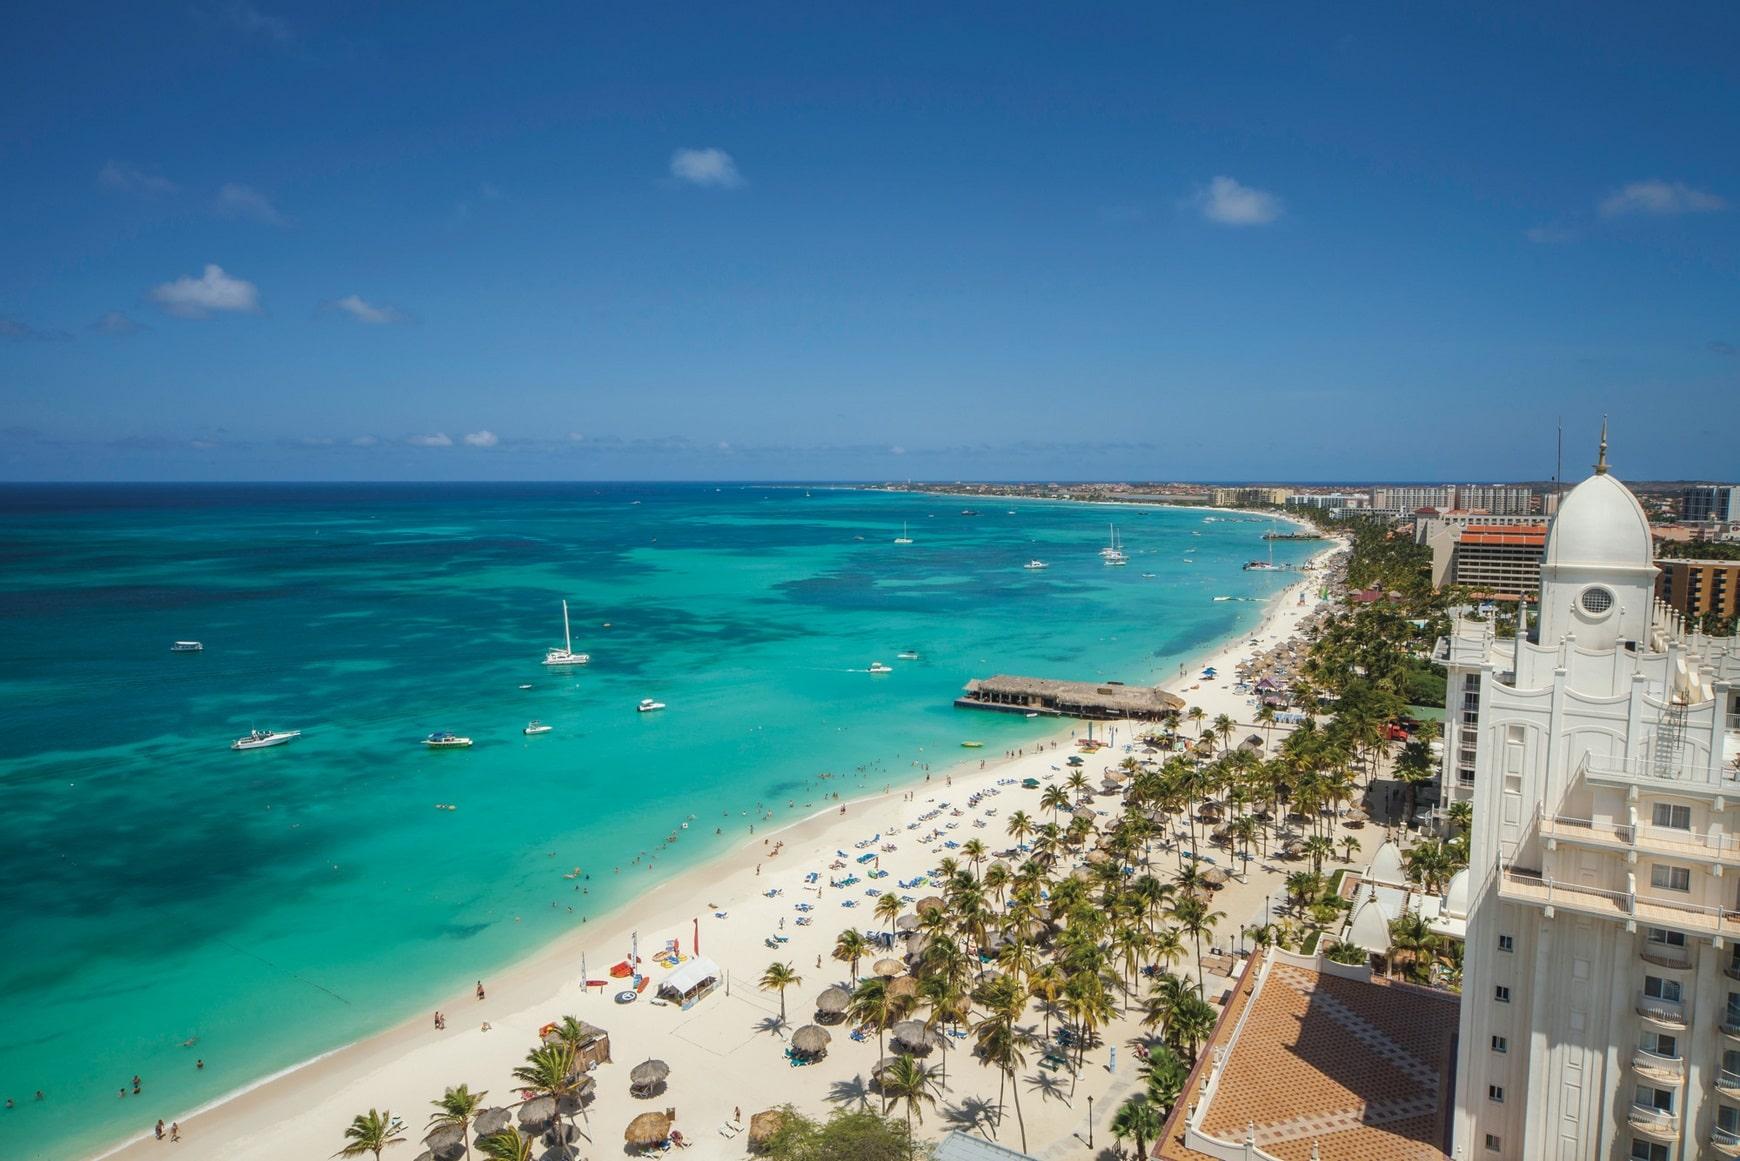 Current Specials at Riu All-Inclusive Honeymoon Resorts